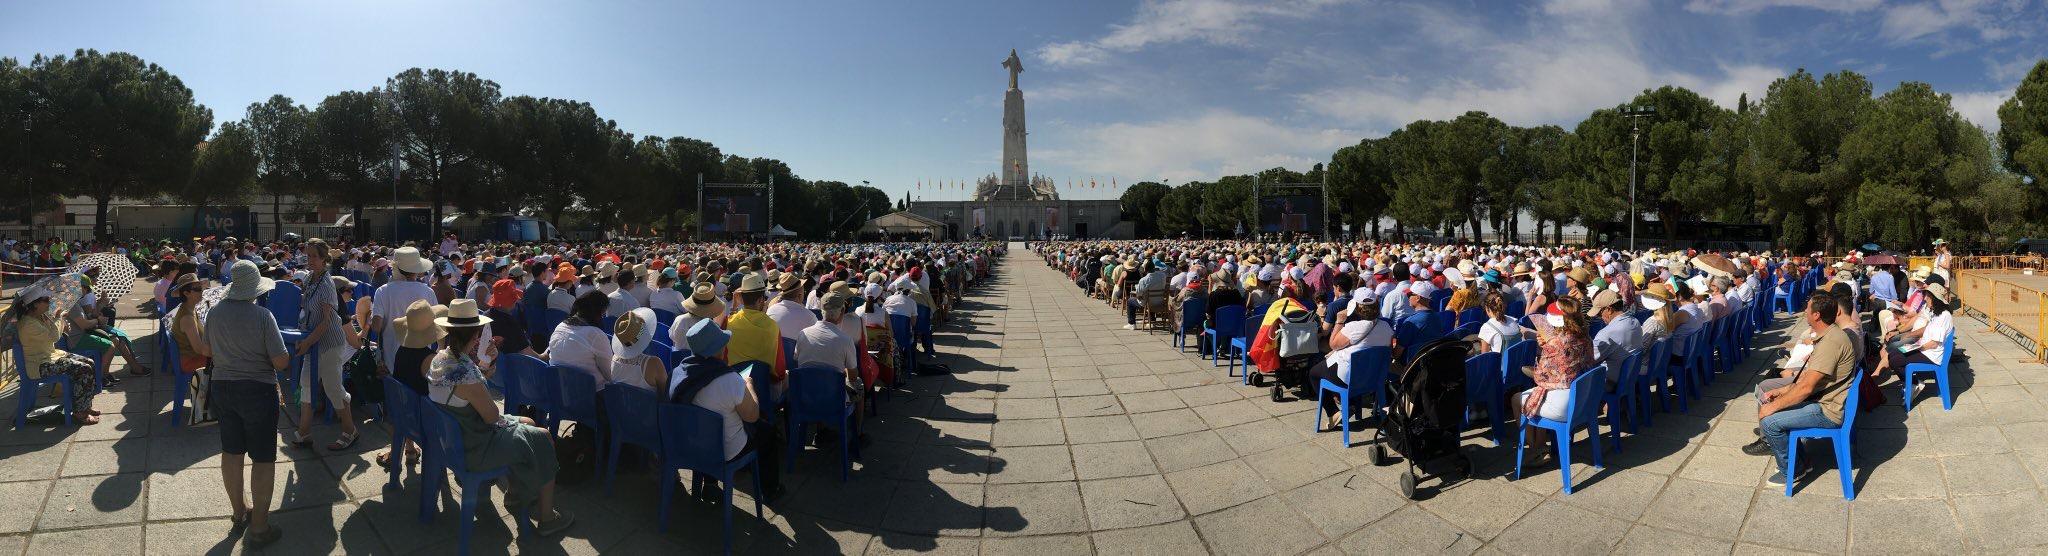 Vista panorámica de la celebración de la consagración al Sagrado Corazón/JULIÁN LOZANO